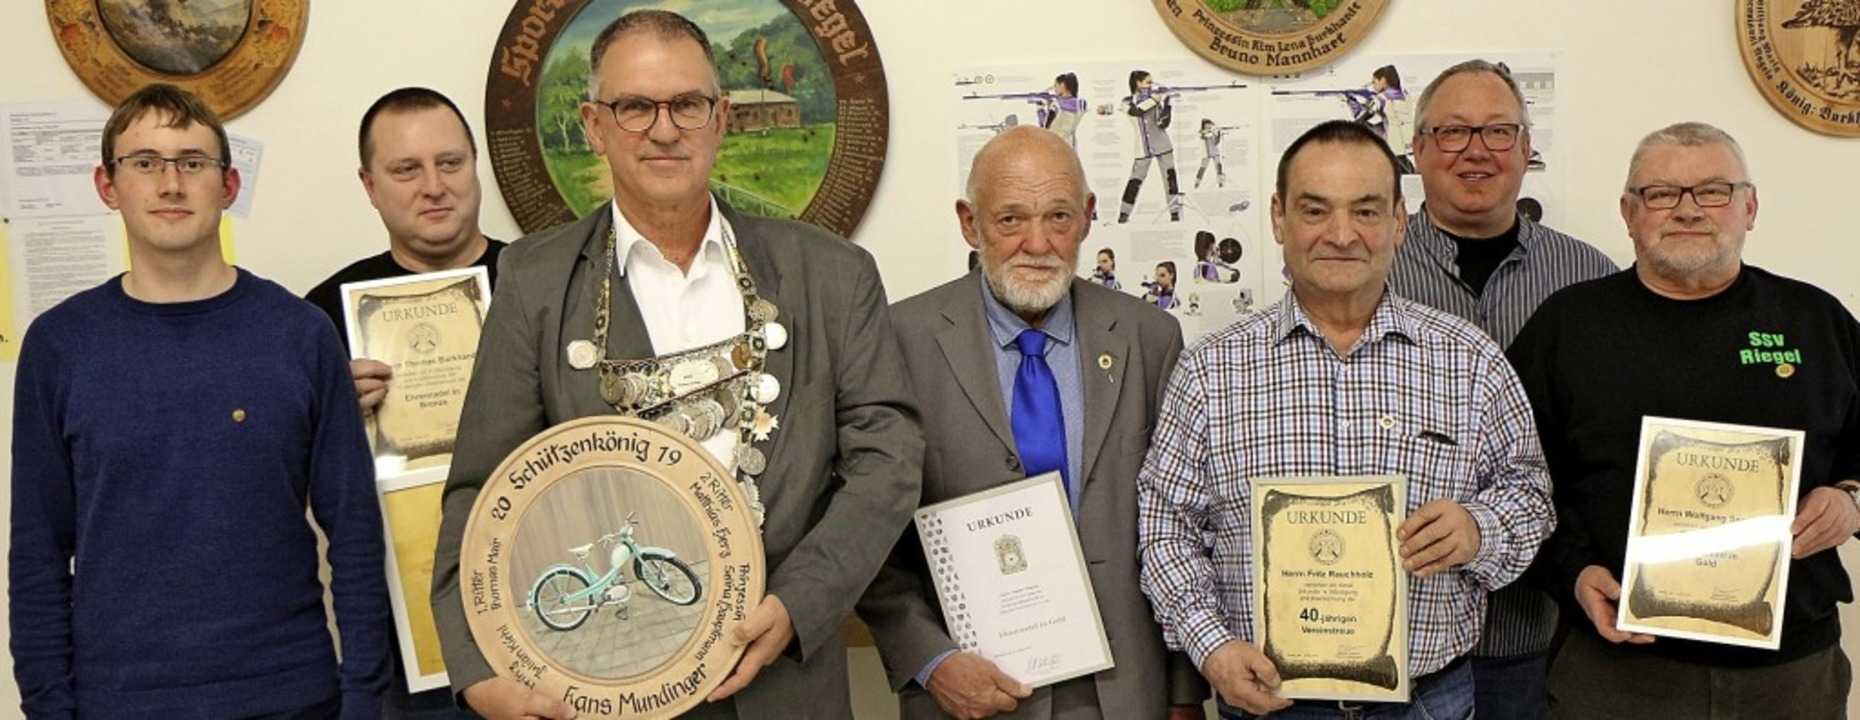 Vorsitzender Manfred Sexauer (l.) mit ...ns Mundinger (3. von l.) und Geehrten     Foto: H. Hassler